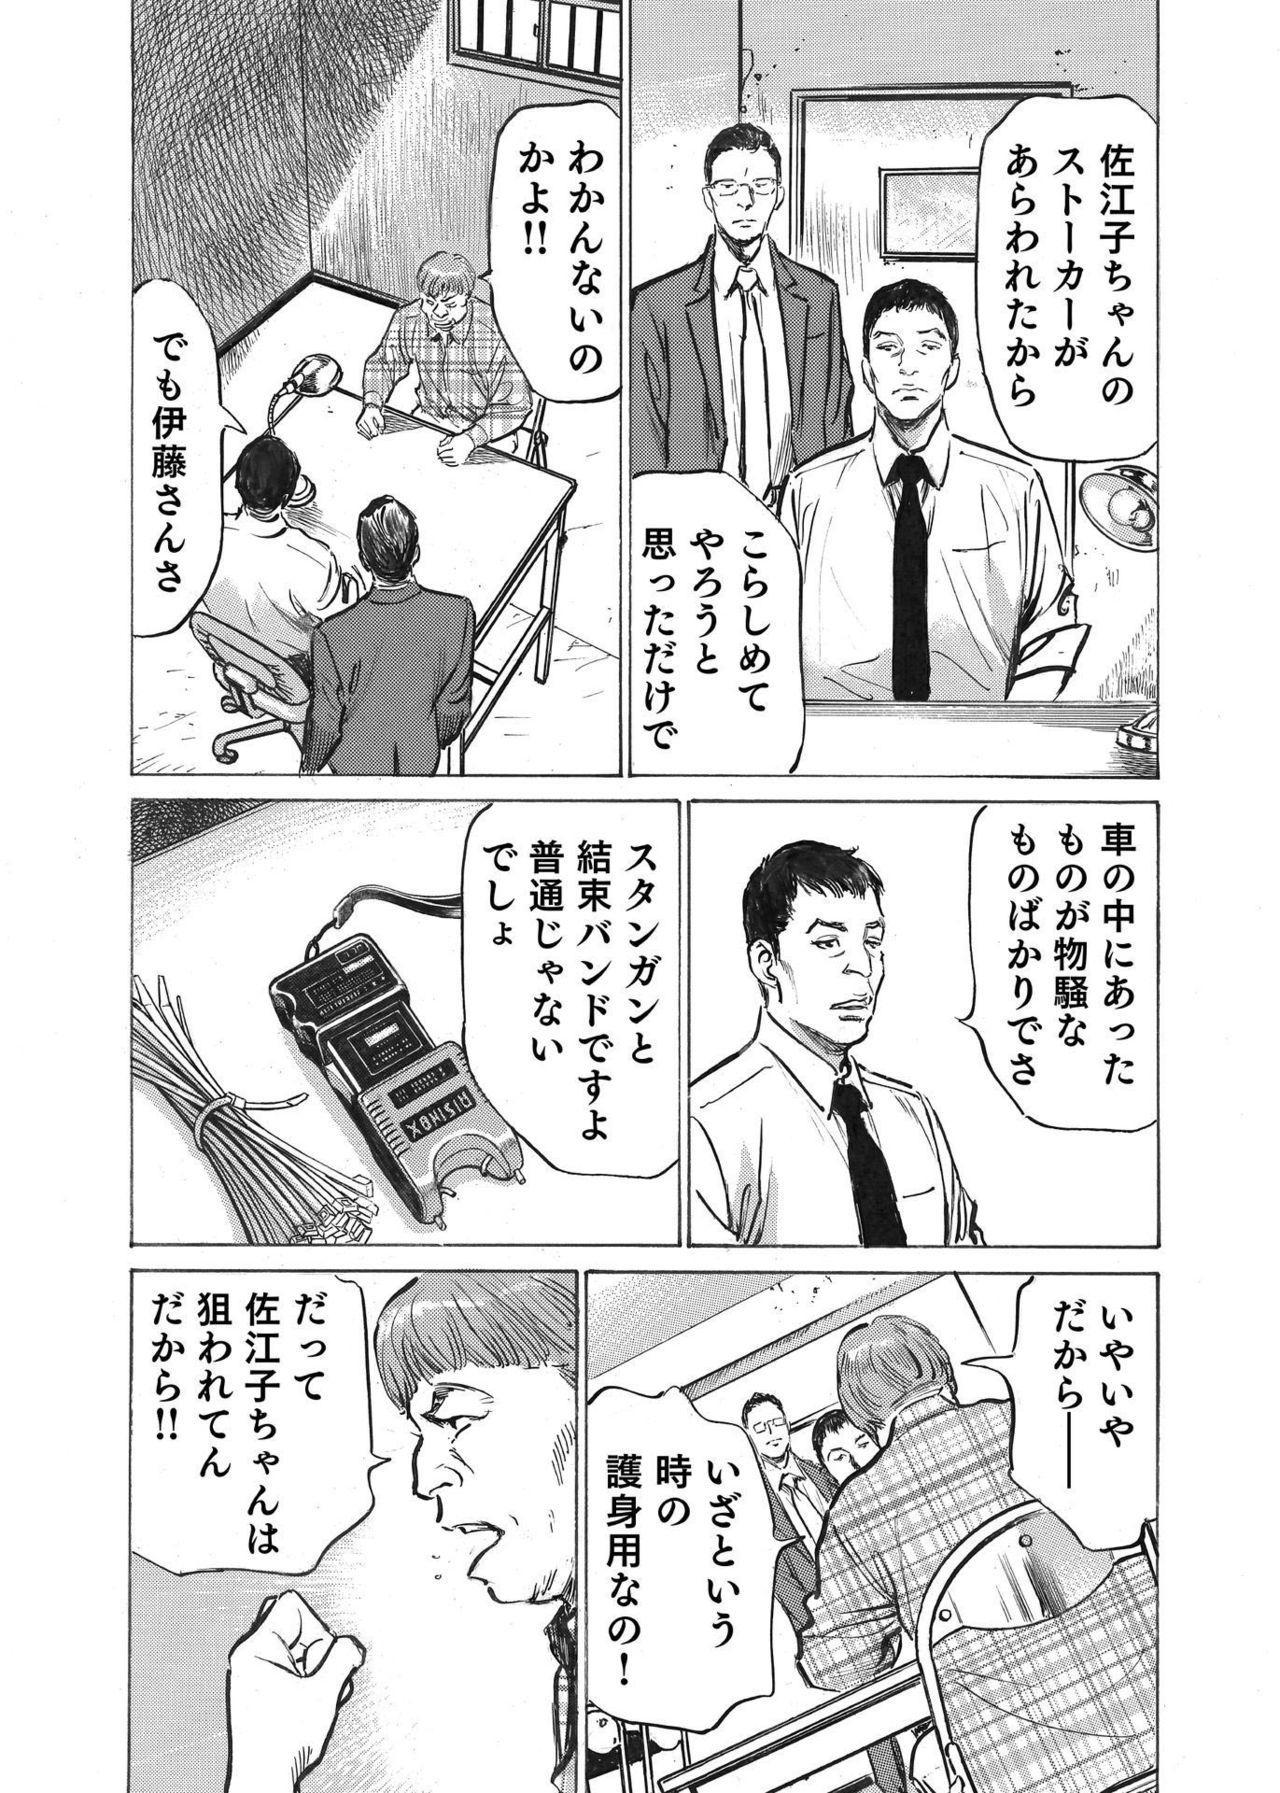 Ore wa Tsuma no Koto o Yoku Shiranai 1-9 129